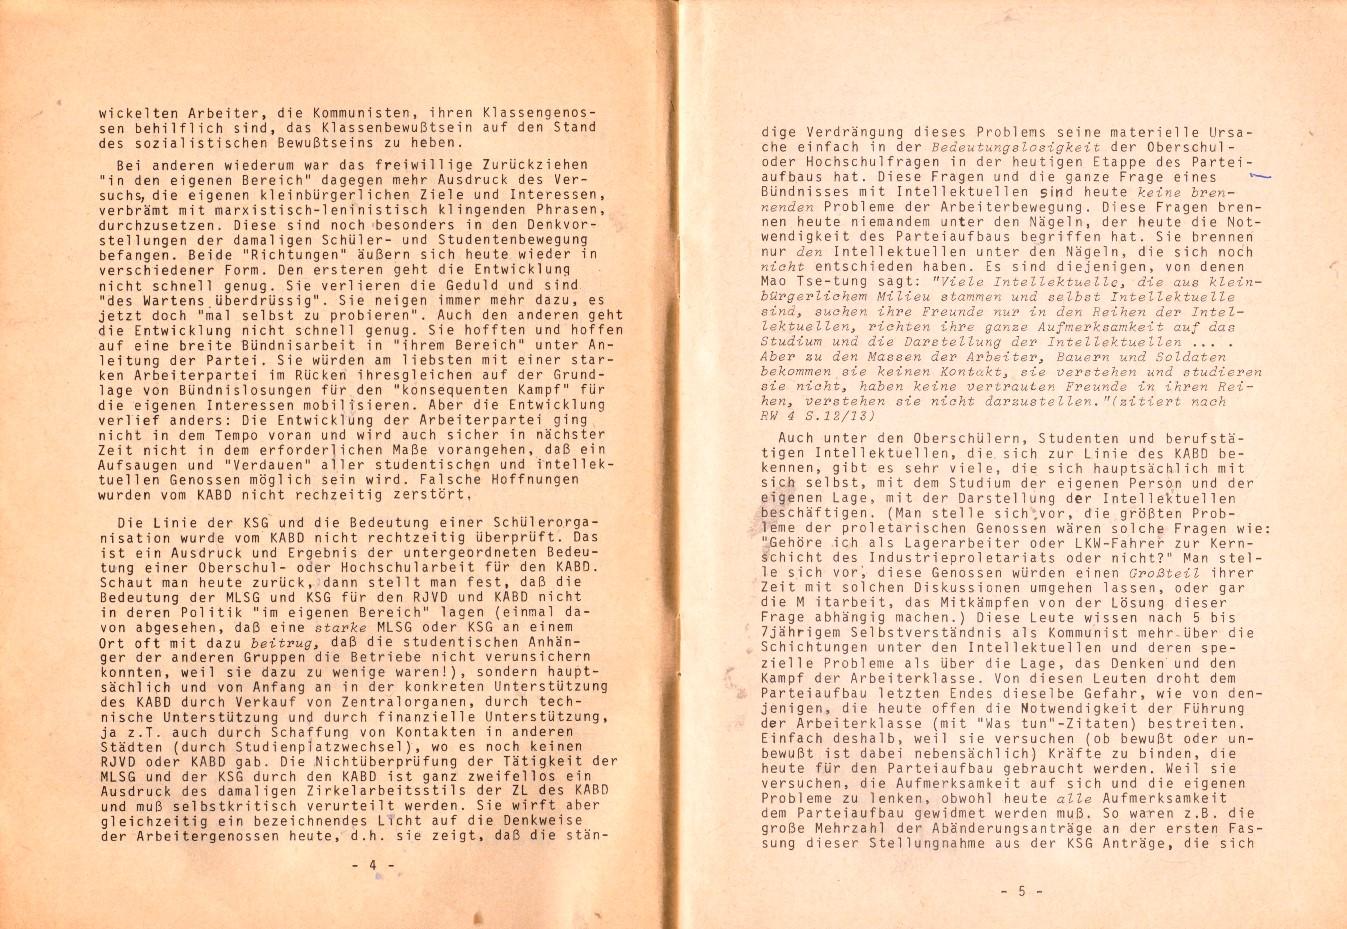 KABD_1976_Parteiaufbau_und_Intellektuellenfrage_06